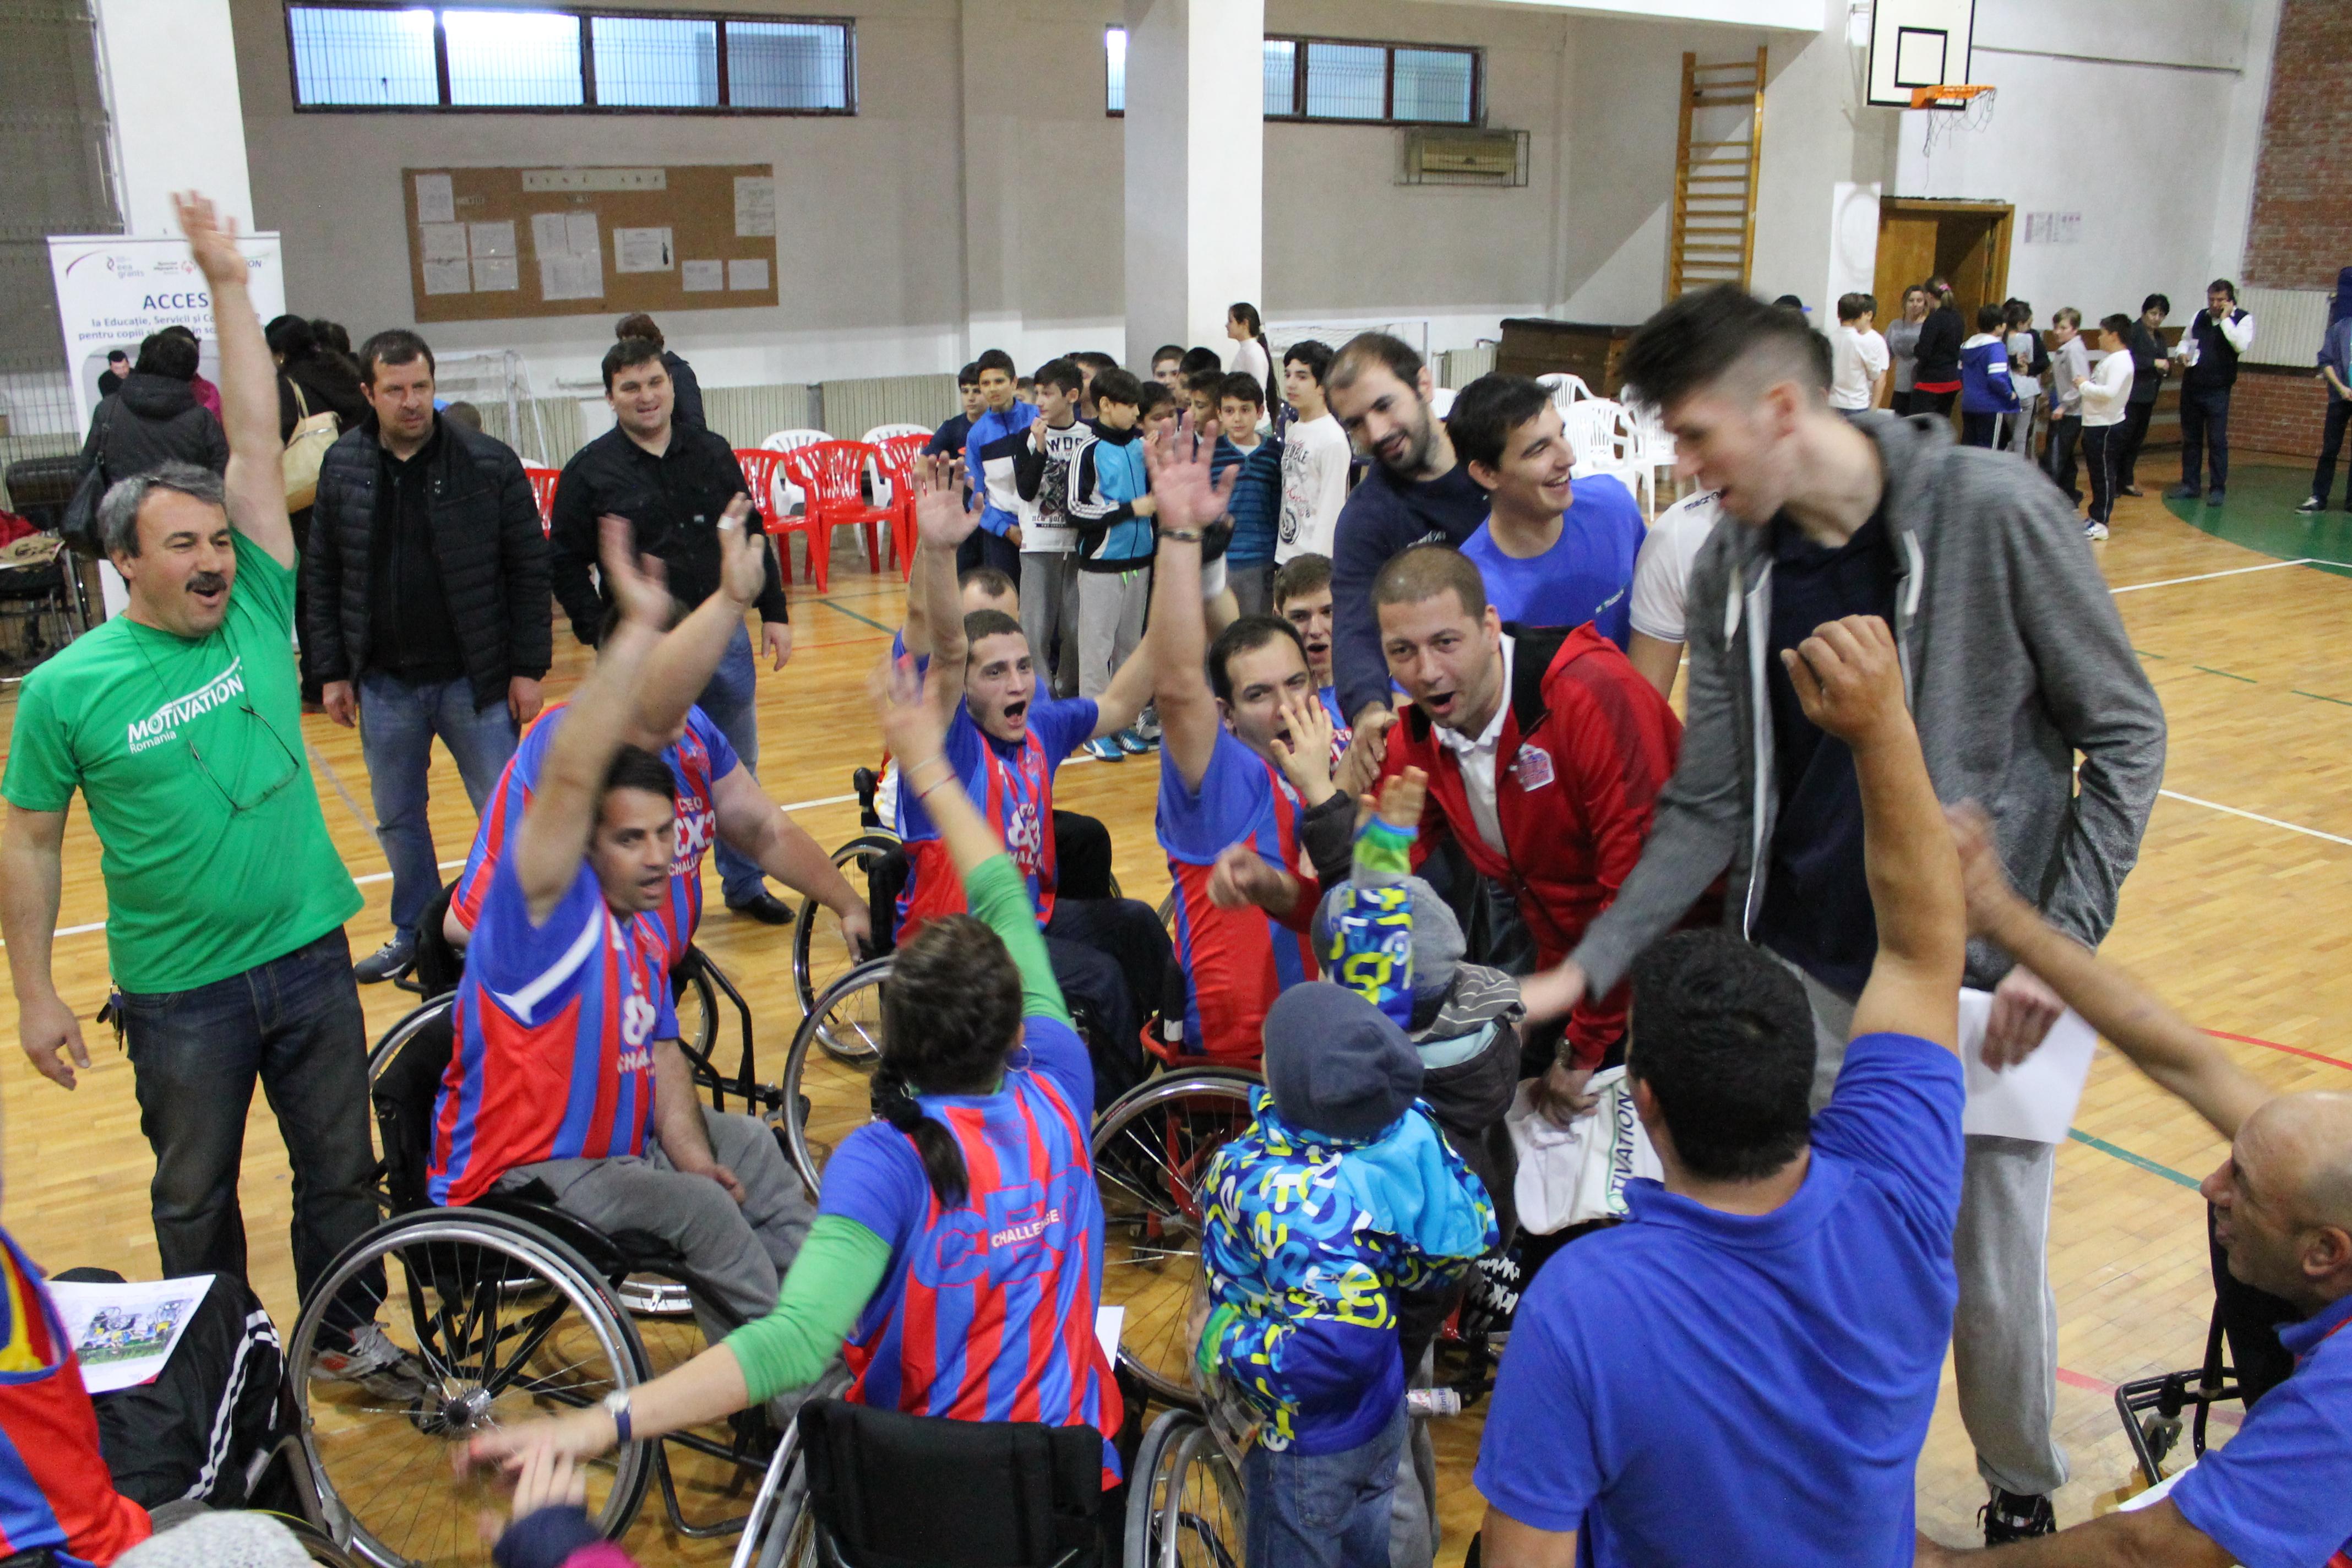 7. Demonstrație de baschet în scaun rulant, pentru elevi cu și fără dizabilități, alături de jucătorii de la Steaua EximBank